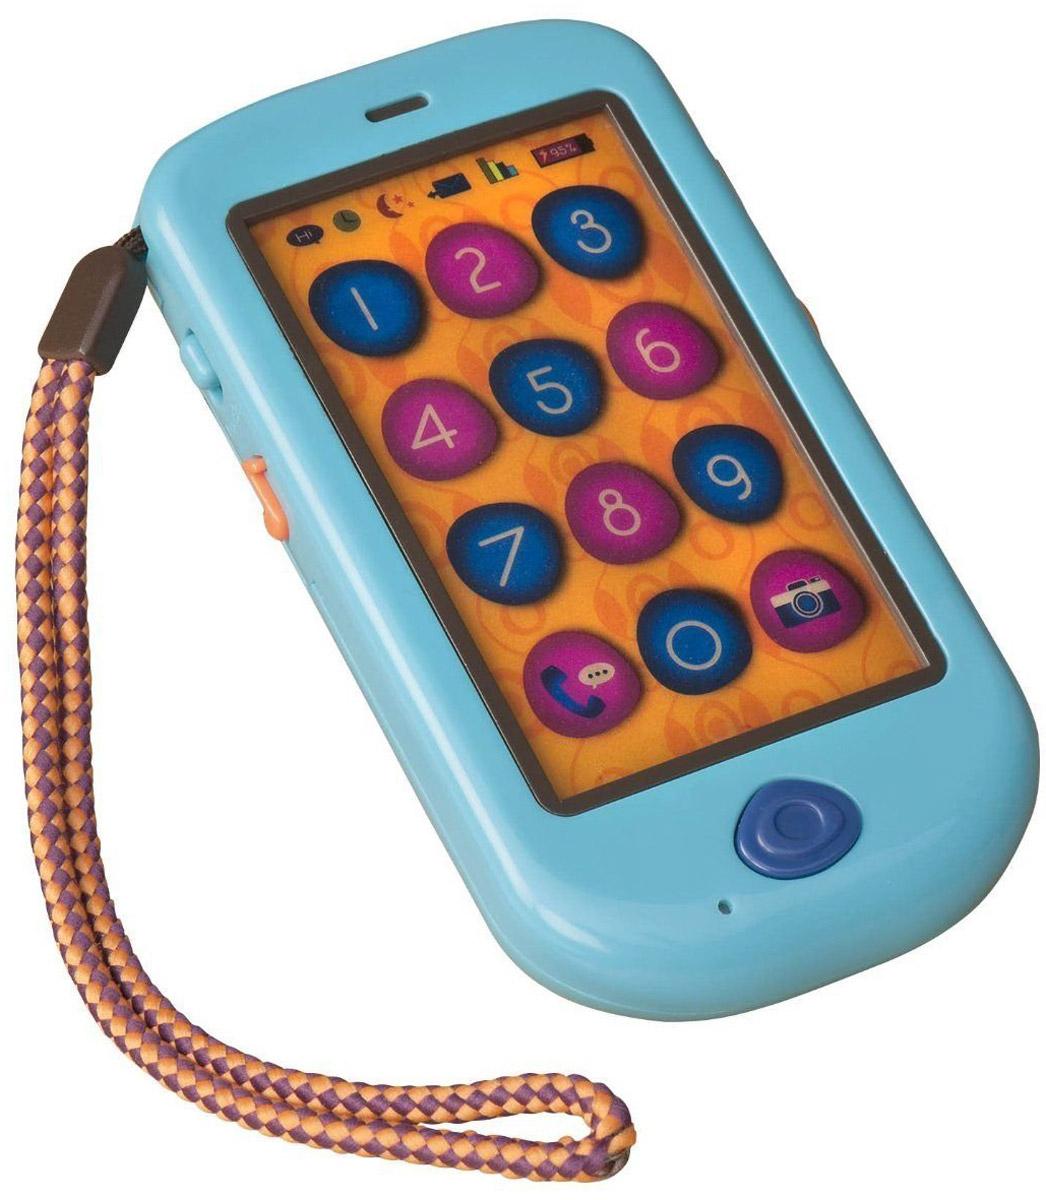 B.Dot Интерактивная игрушка Смартфон какой телефон лучше телефон